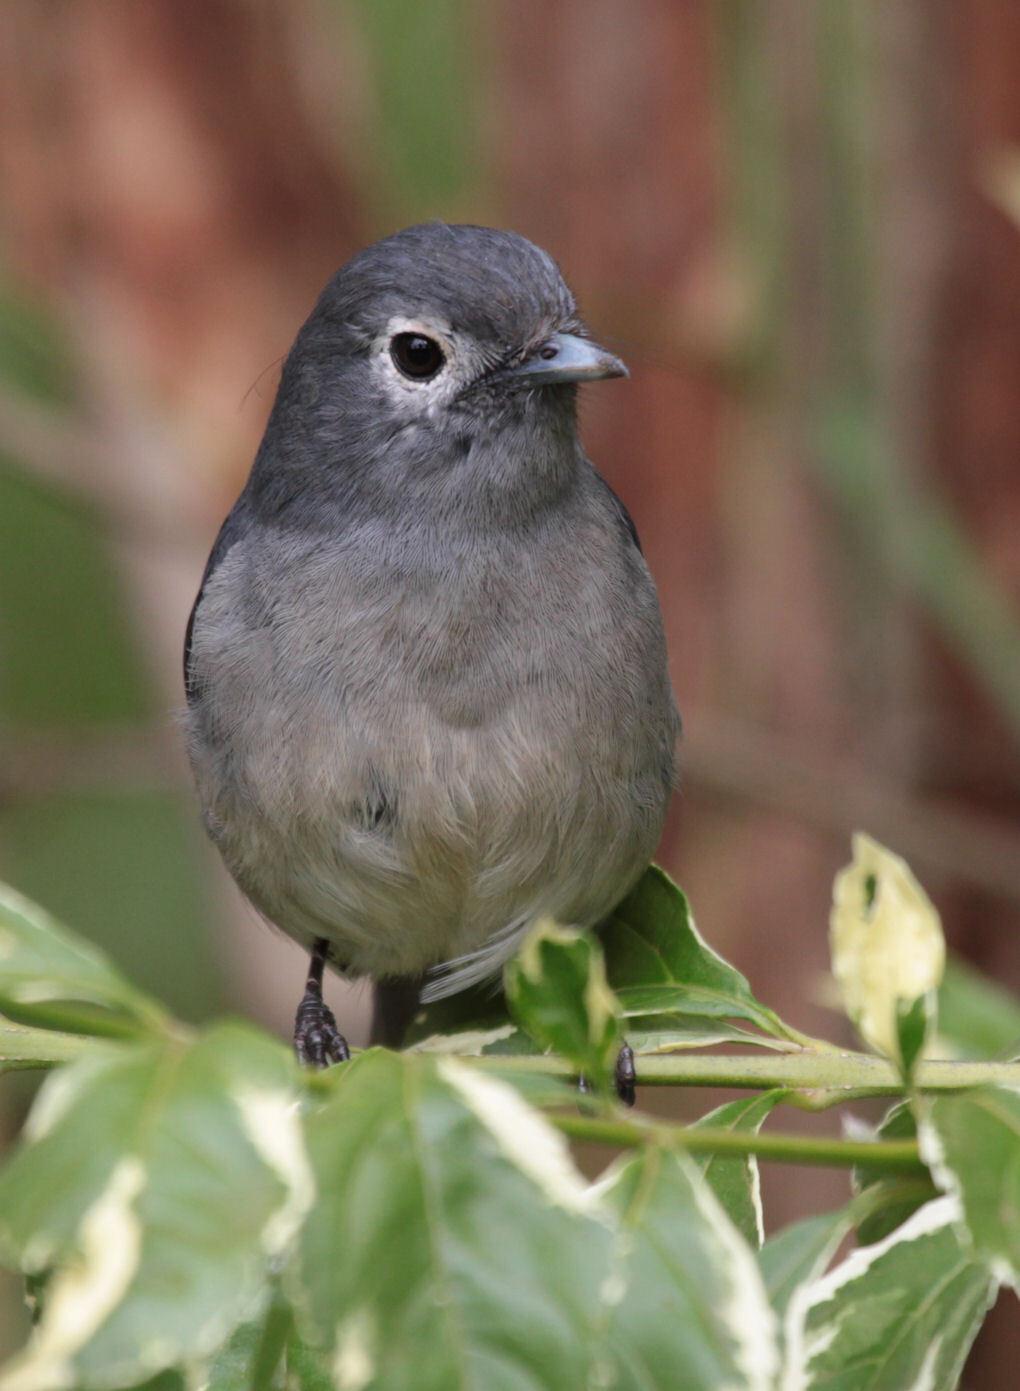 White-eyed Slaty Flycatcher - Ook deze bijzondere vogel heb ik gefotografeerd in de tuin van ons hotel in Nyeri. - foto door dunawaye op 09-10-2010 - deze foto bevat: vogels, kenia, kenya, flycatcher, Nyeri, White-eyed Slaty Flycatcher